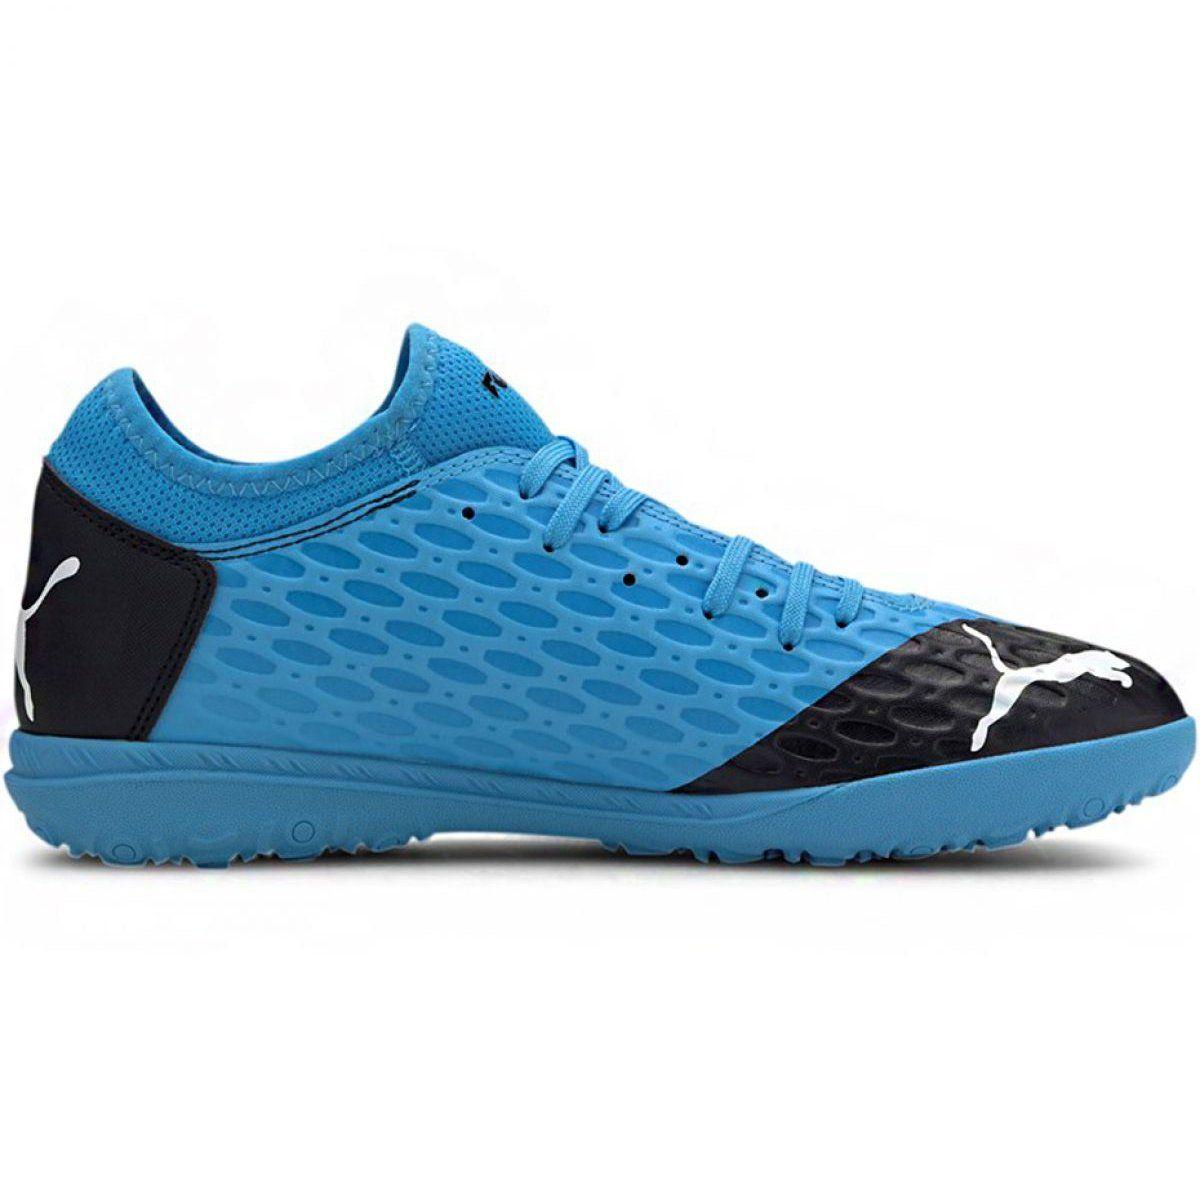 Buty Pilkarskie Puma Future 5 4 Tt M 105803 01 Niebieskie Niebieskie Football Boots Football Shoes Puma Football Boots